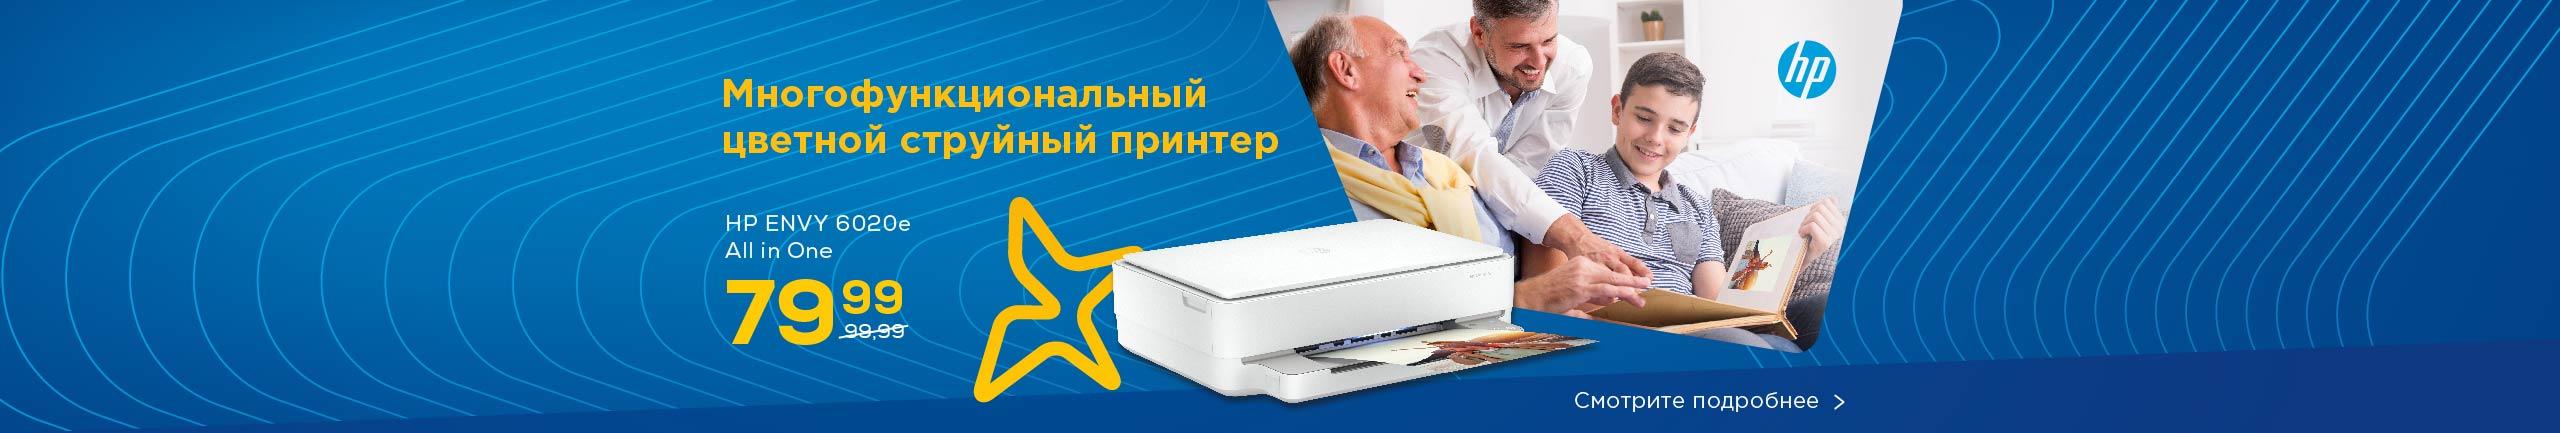 Многофункциональный цветной струйный принтер HP ENVY 6020e All in One